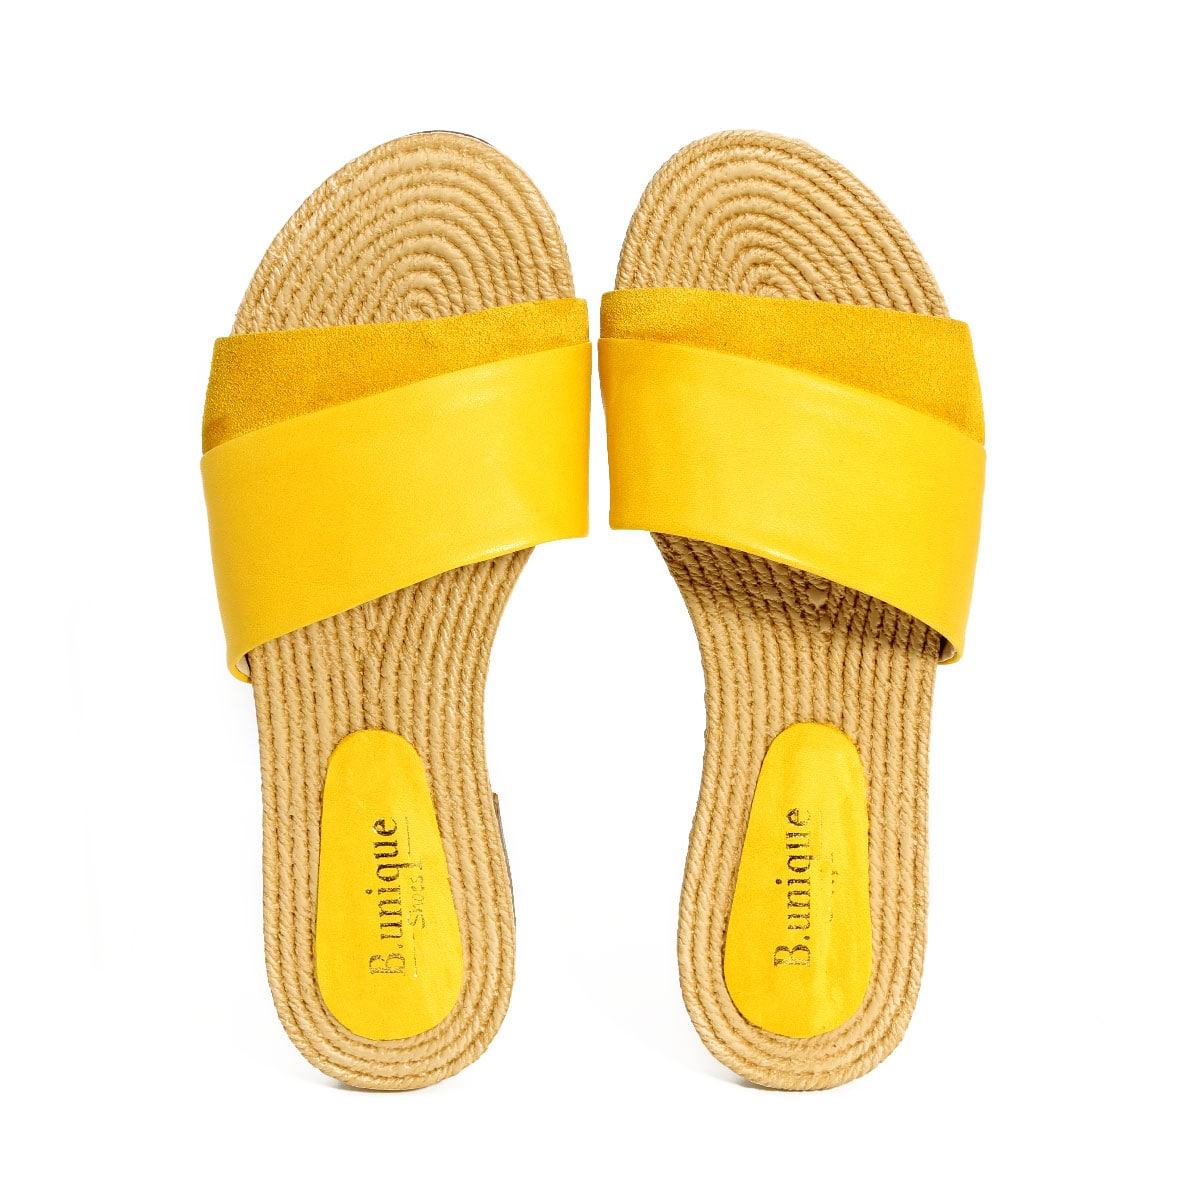 דגם אור: כפכפים בצבע צהוב